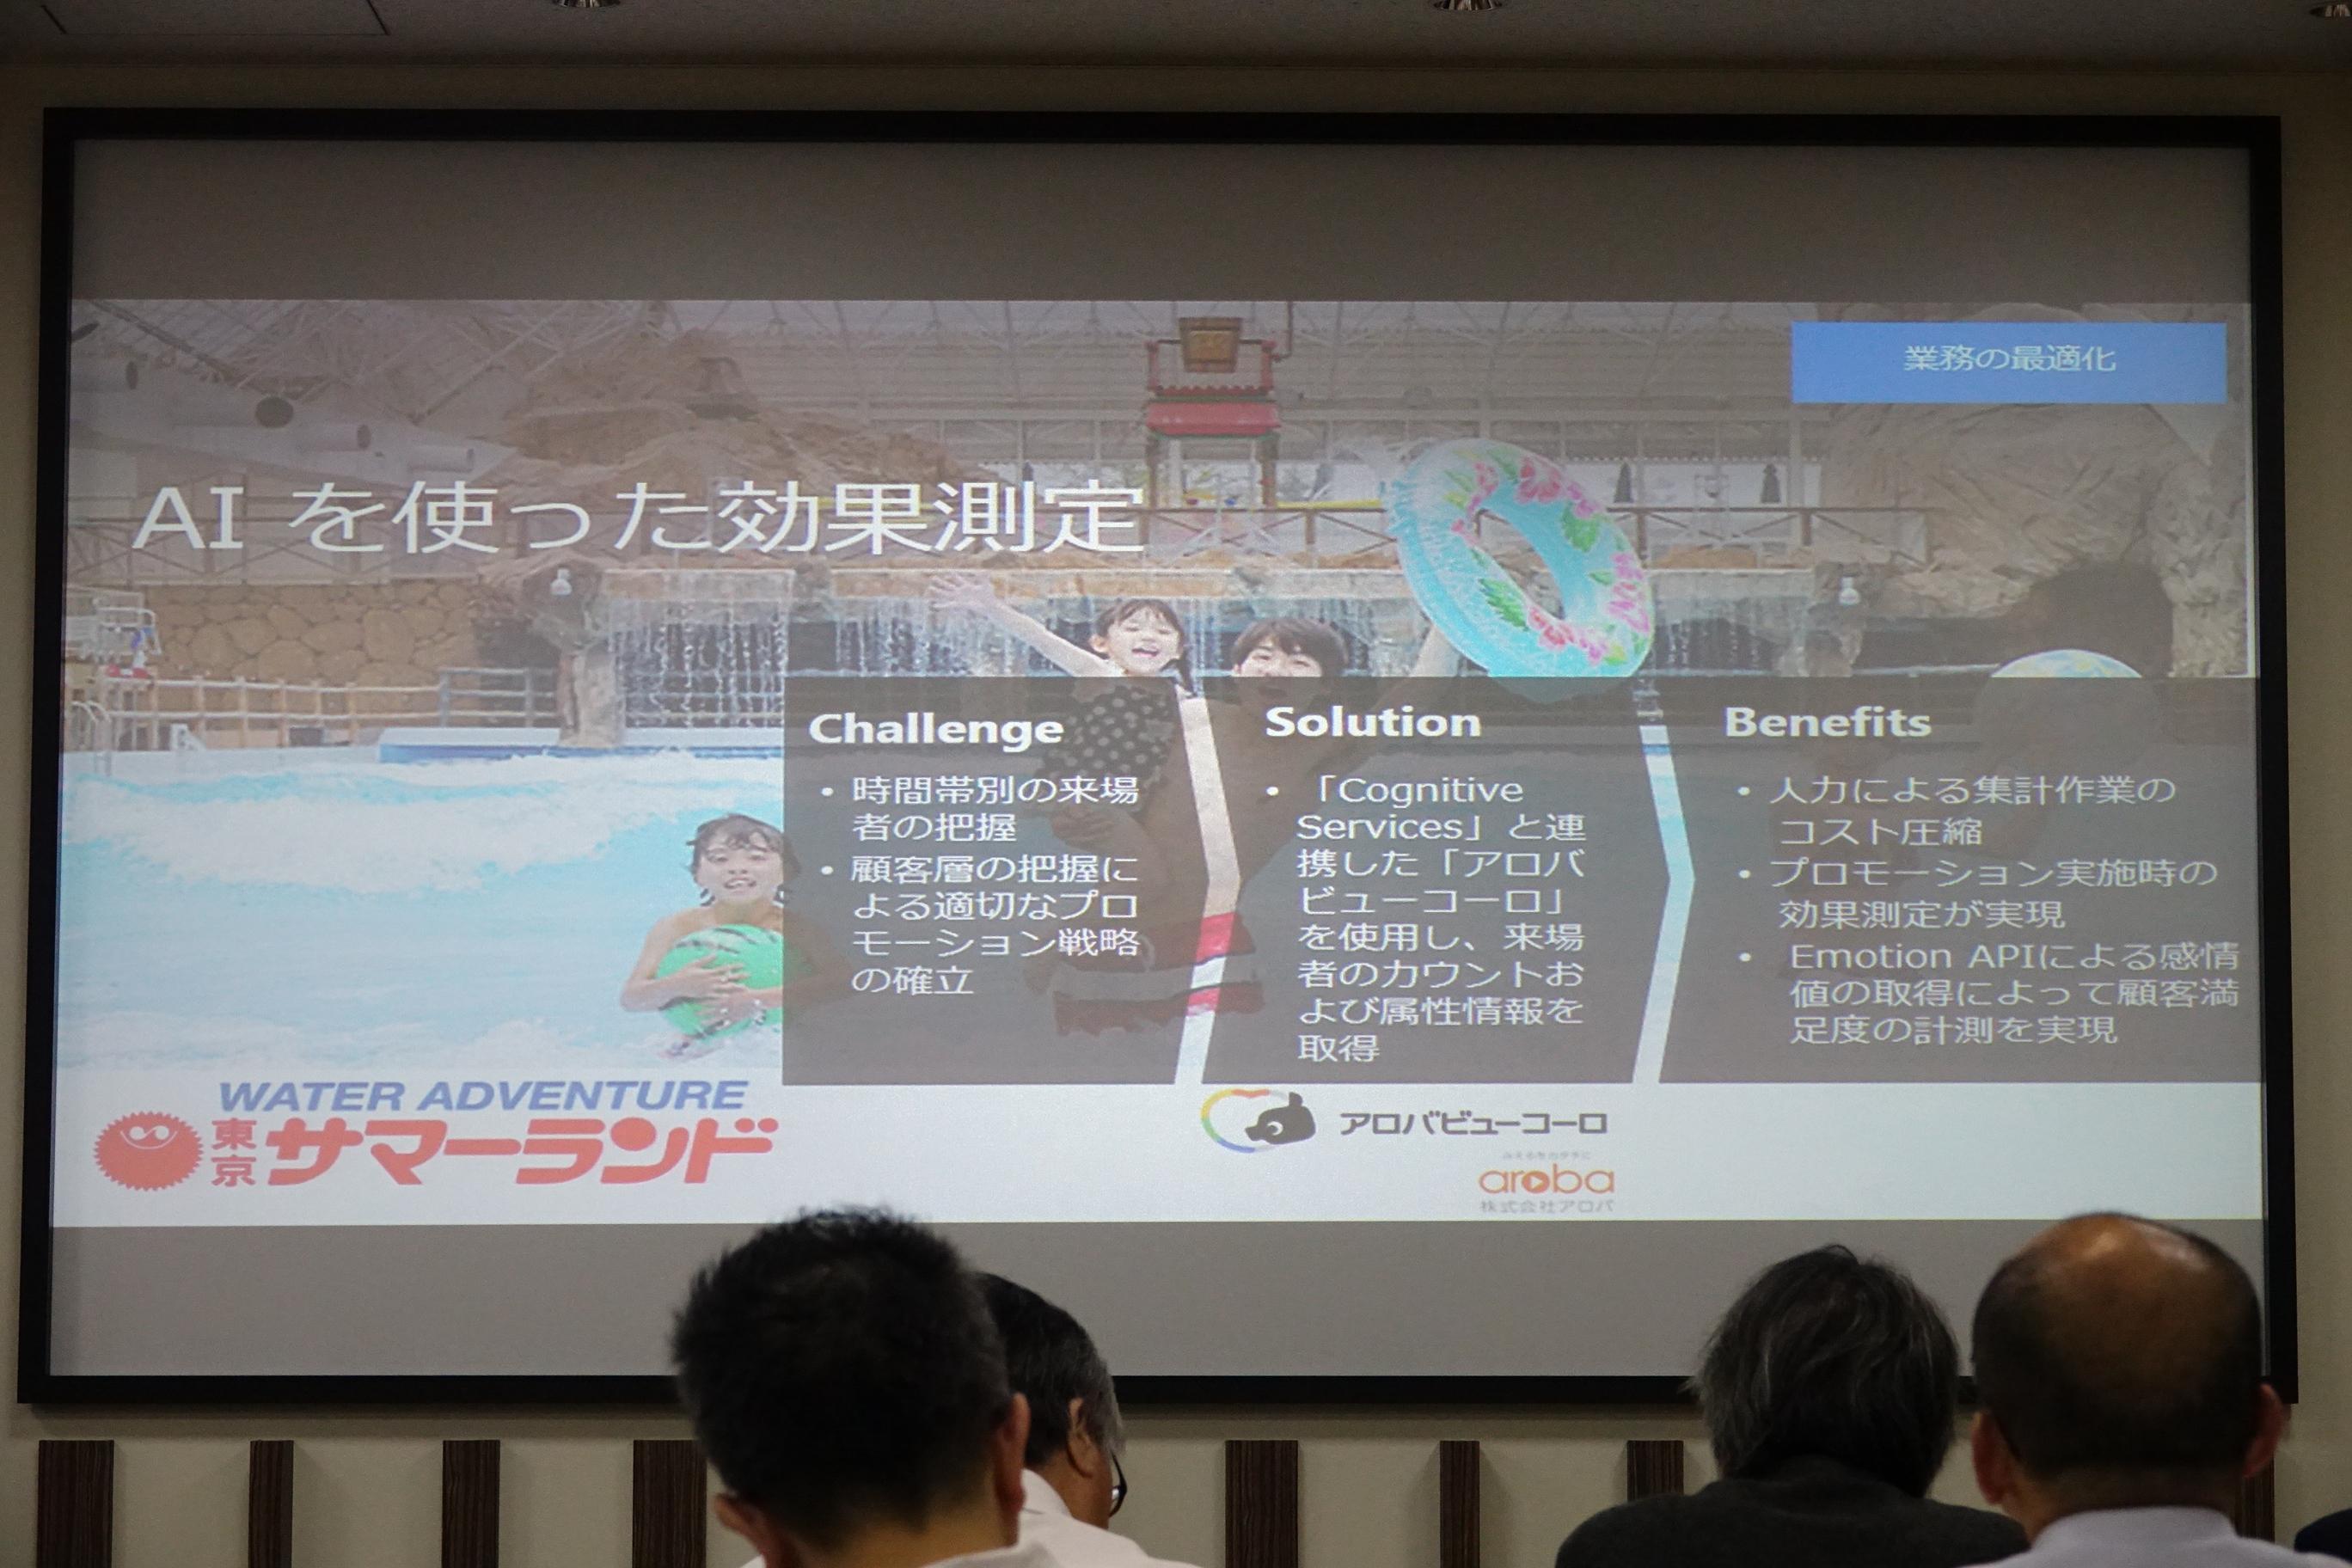 マイクロソフト 東京サマーランド